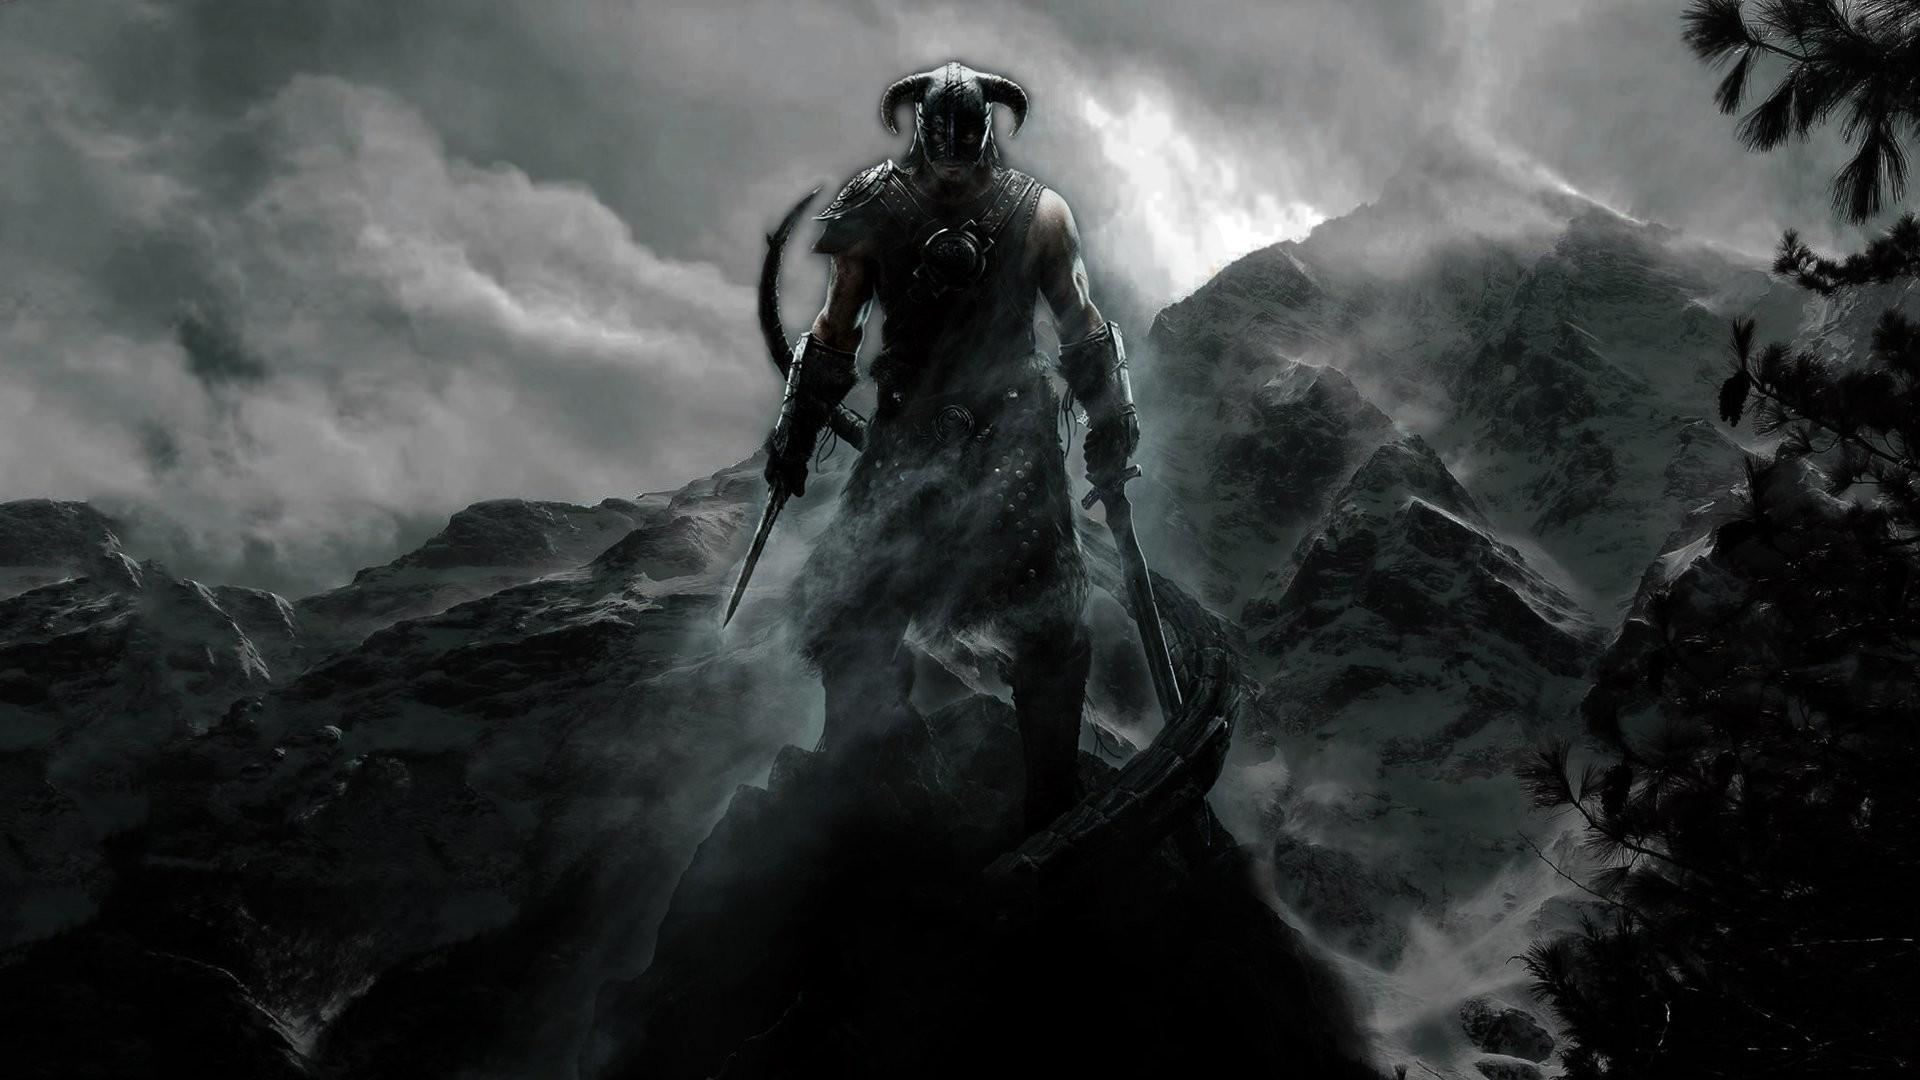 Elder Scrolls Background